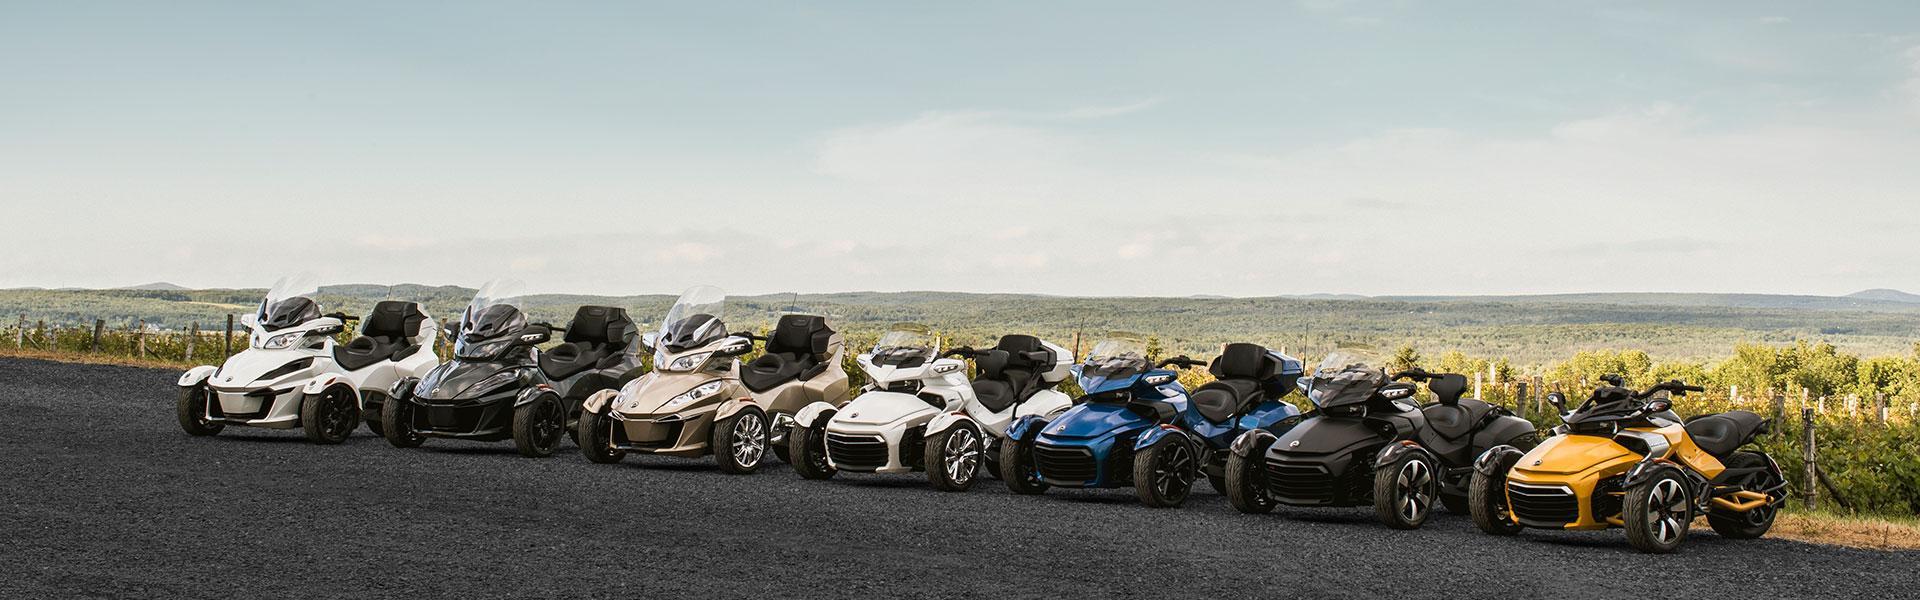 on-Road_Spyder-Roadster